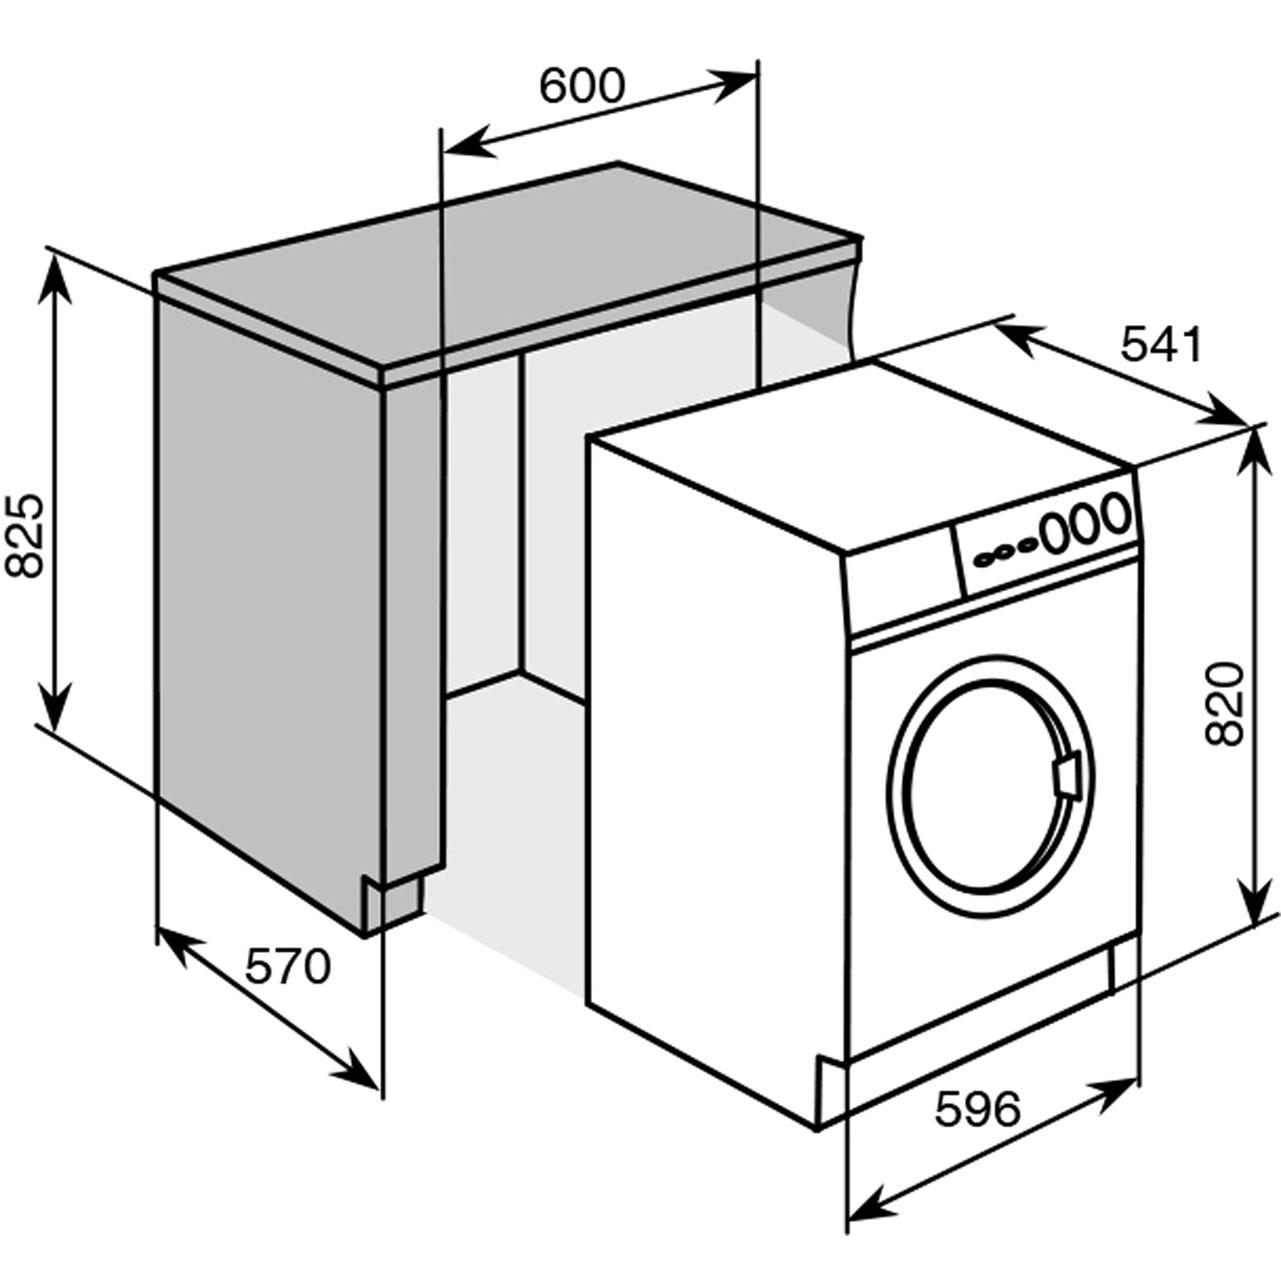 asko washing machine wiring diagram